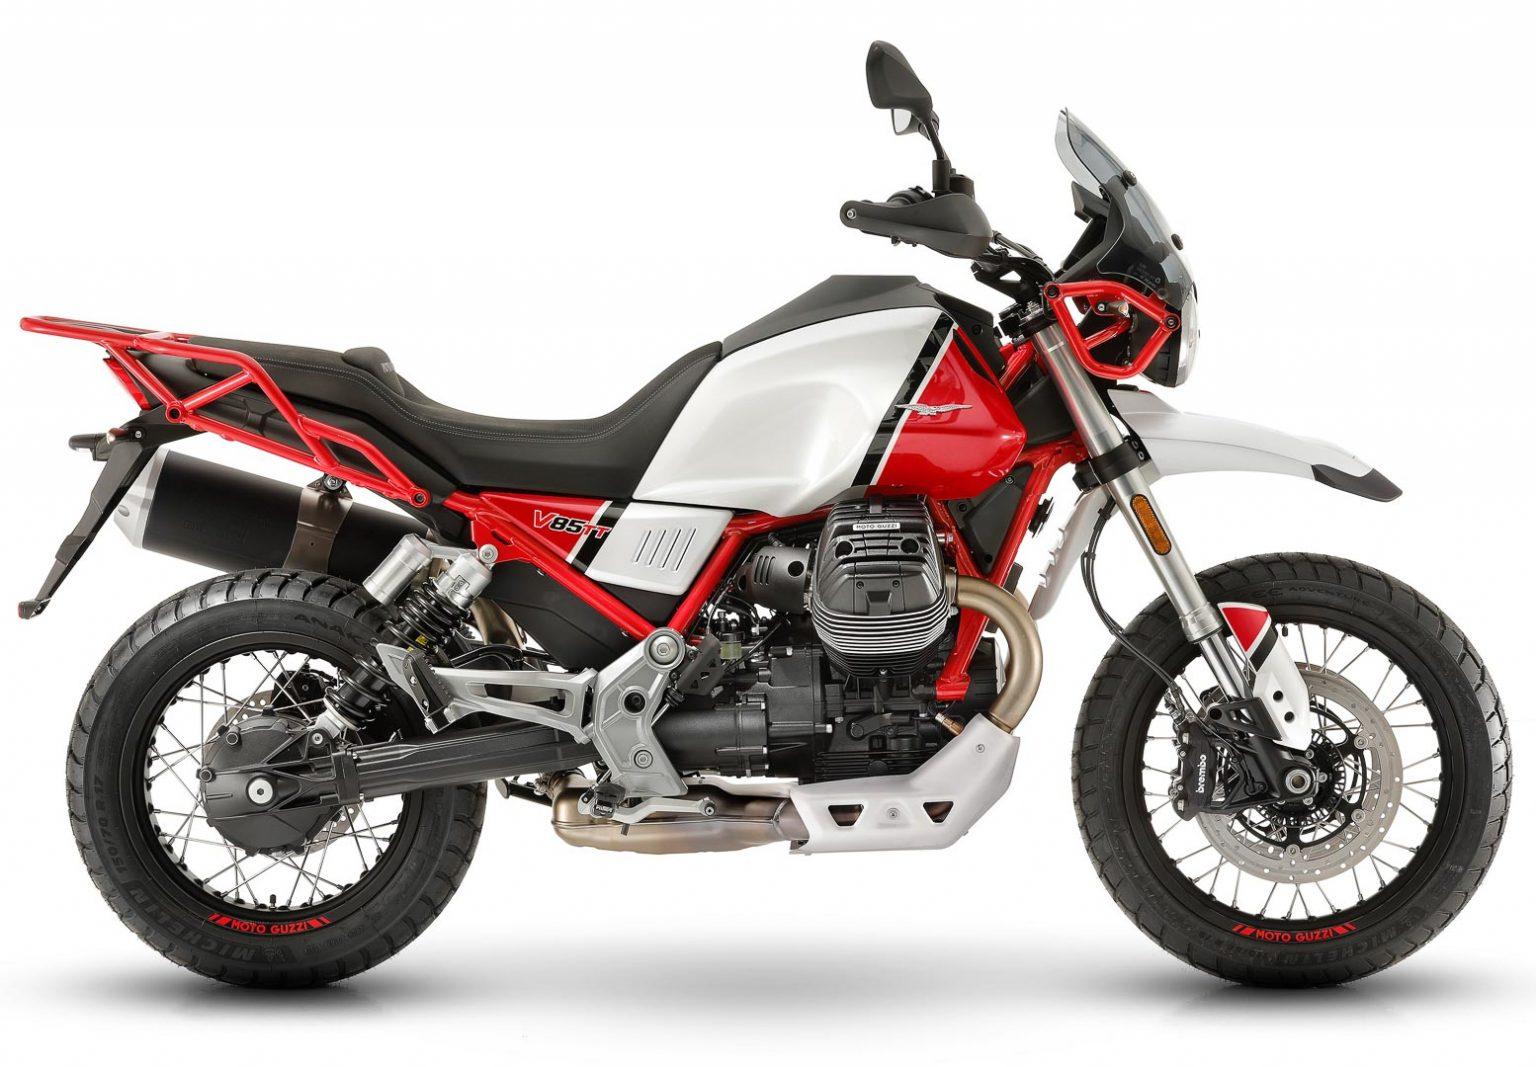 2020 MOTO GUZZI V85 TT ADVENTURE REVIEW: HOME COURT TEST